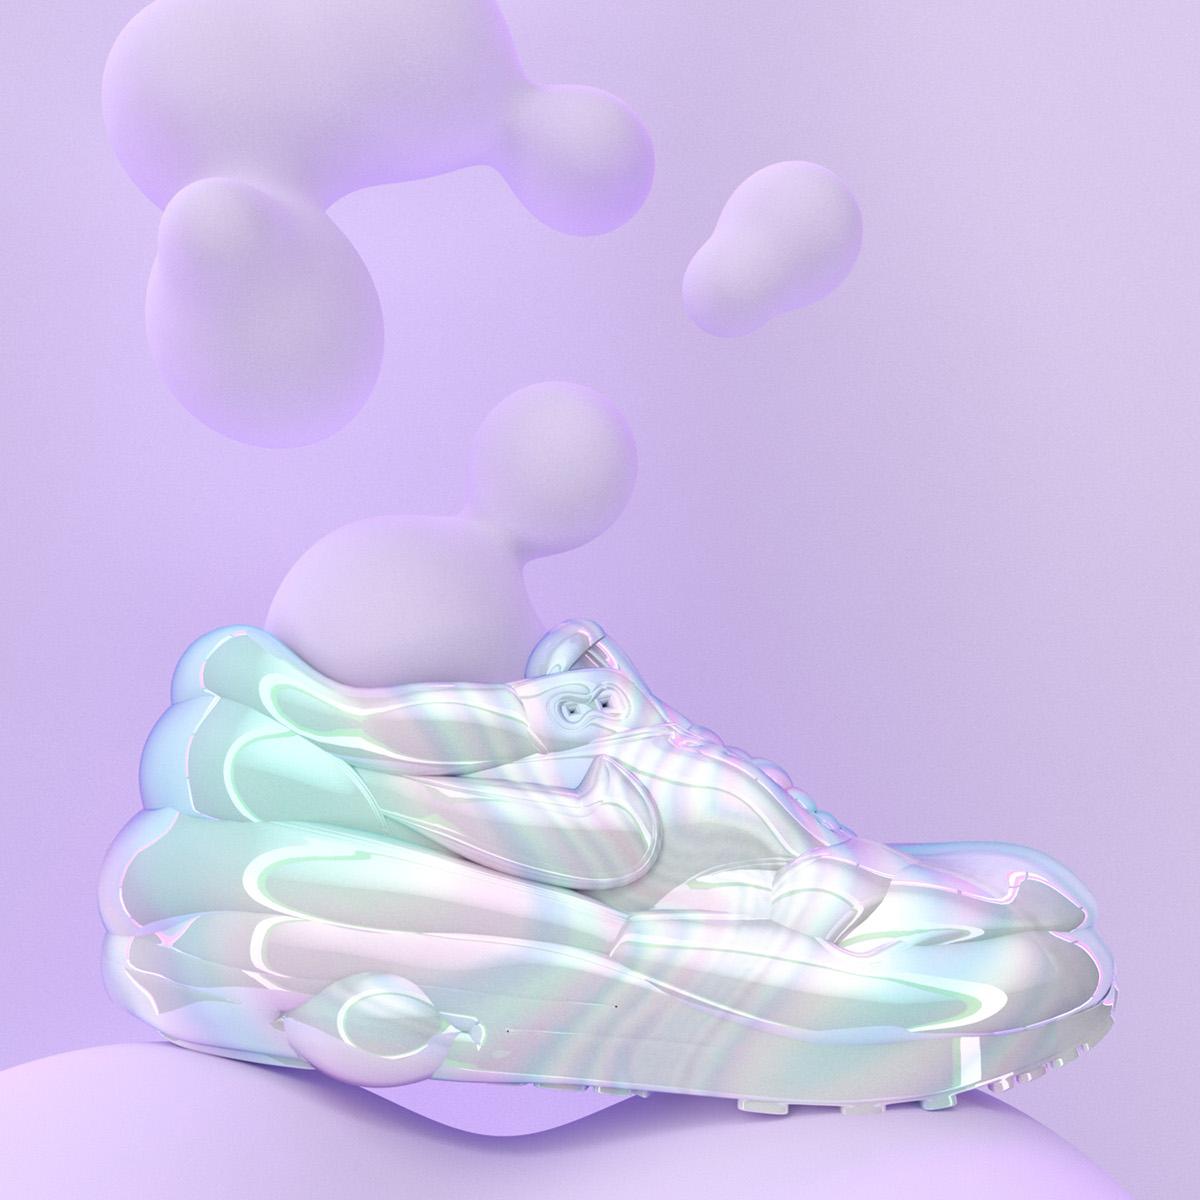 Nike Air Max Bubble Gum on Behance